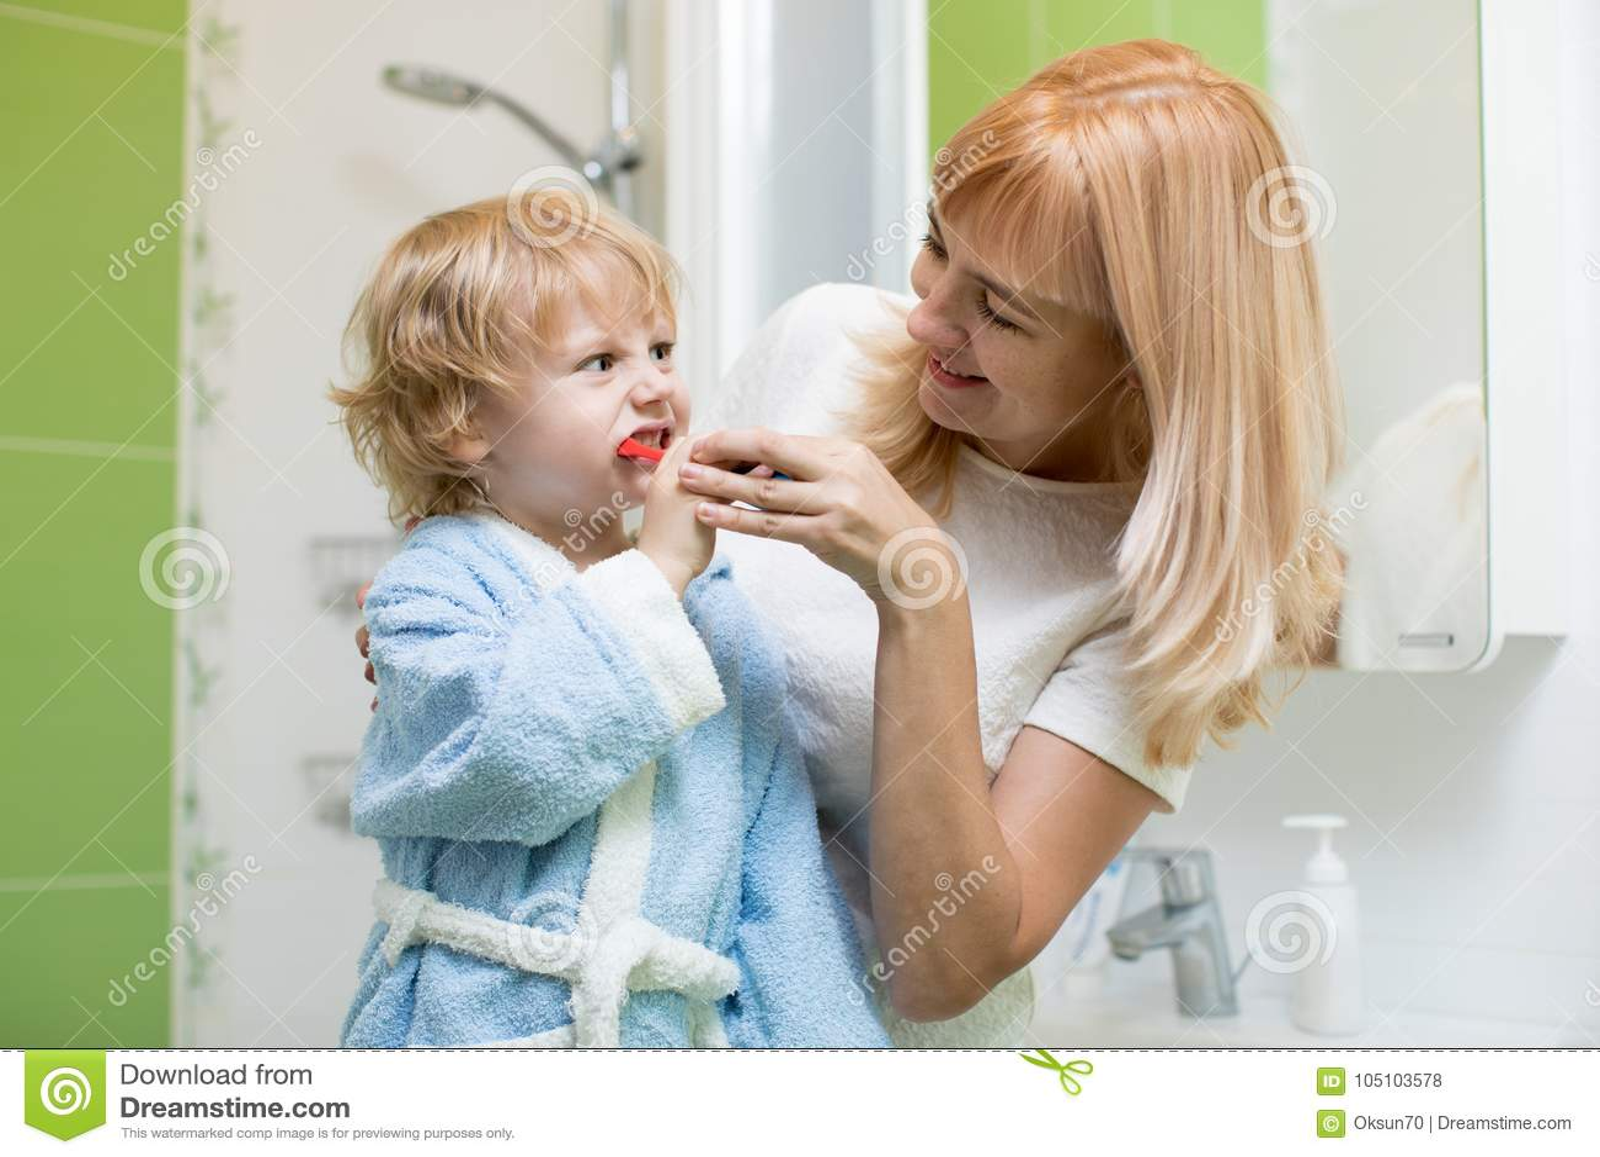 Mime al hijo de enseñanza y de ayuda del niño cómo cepillar sus dientes